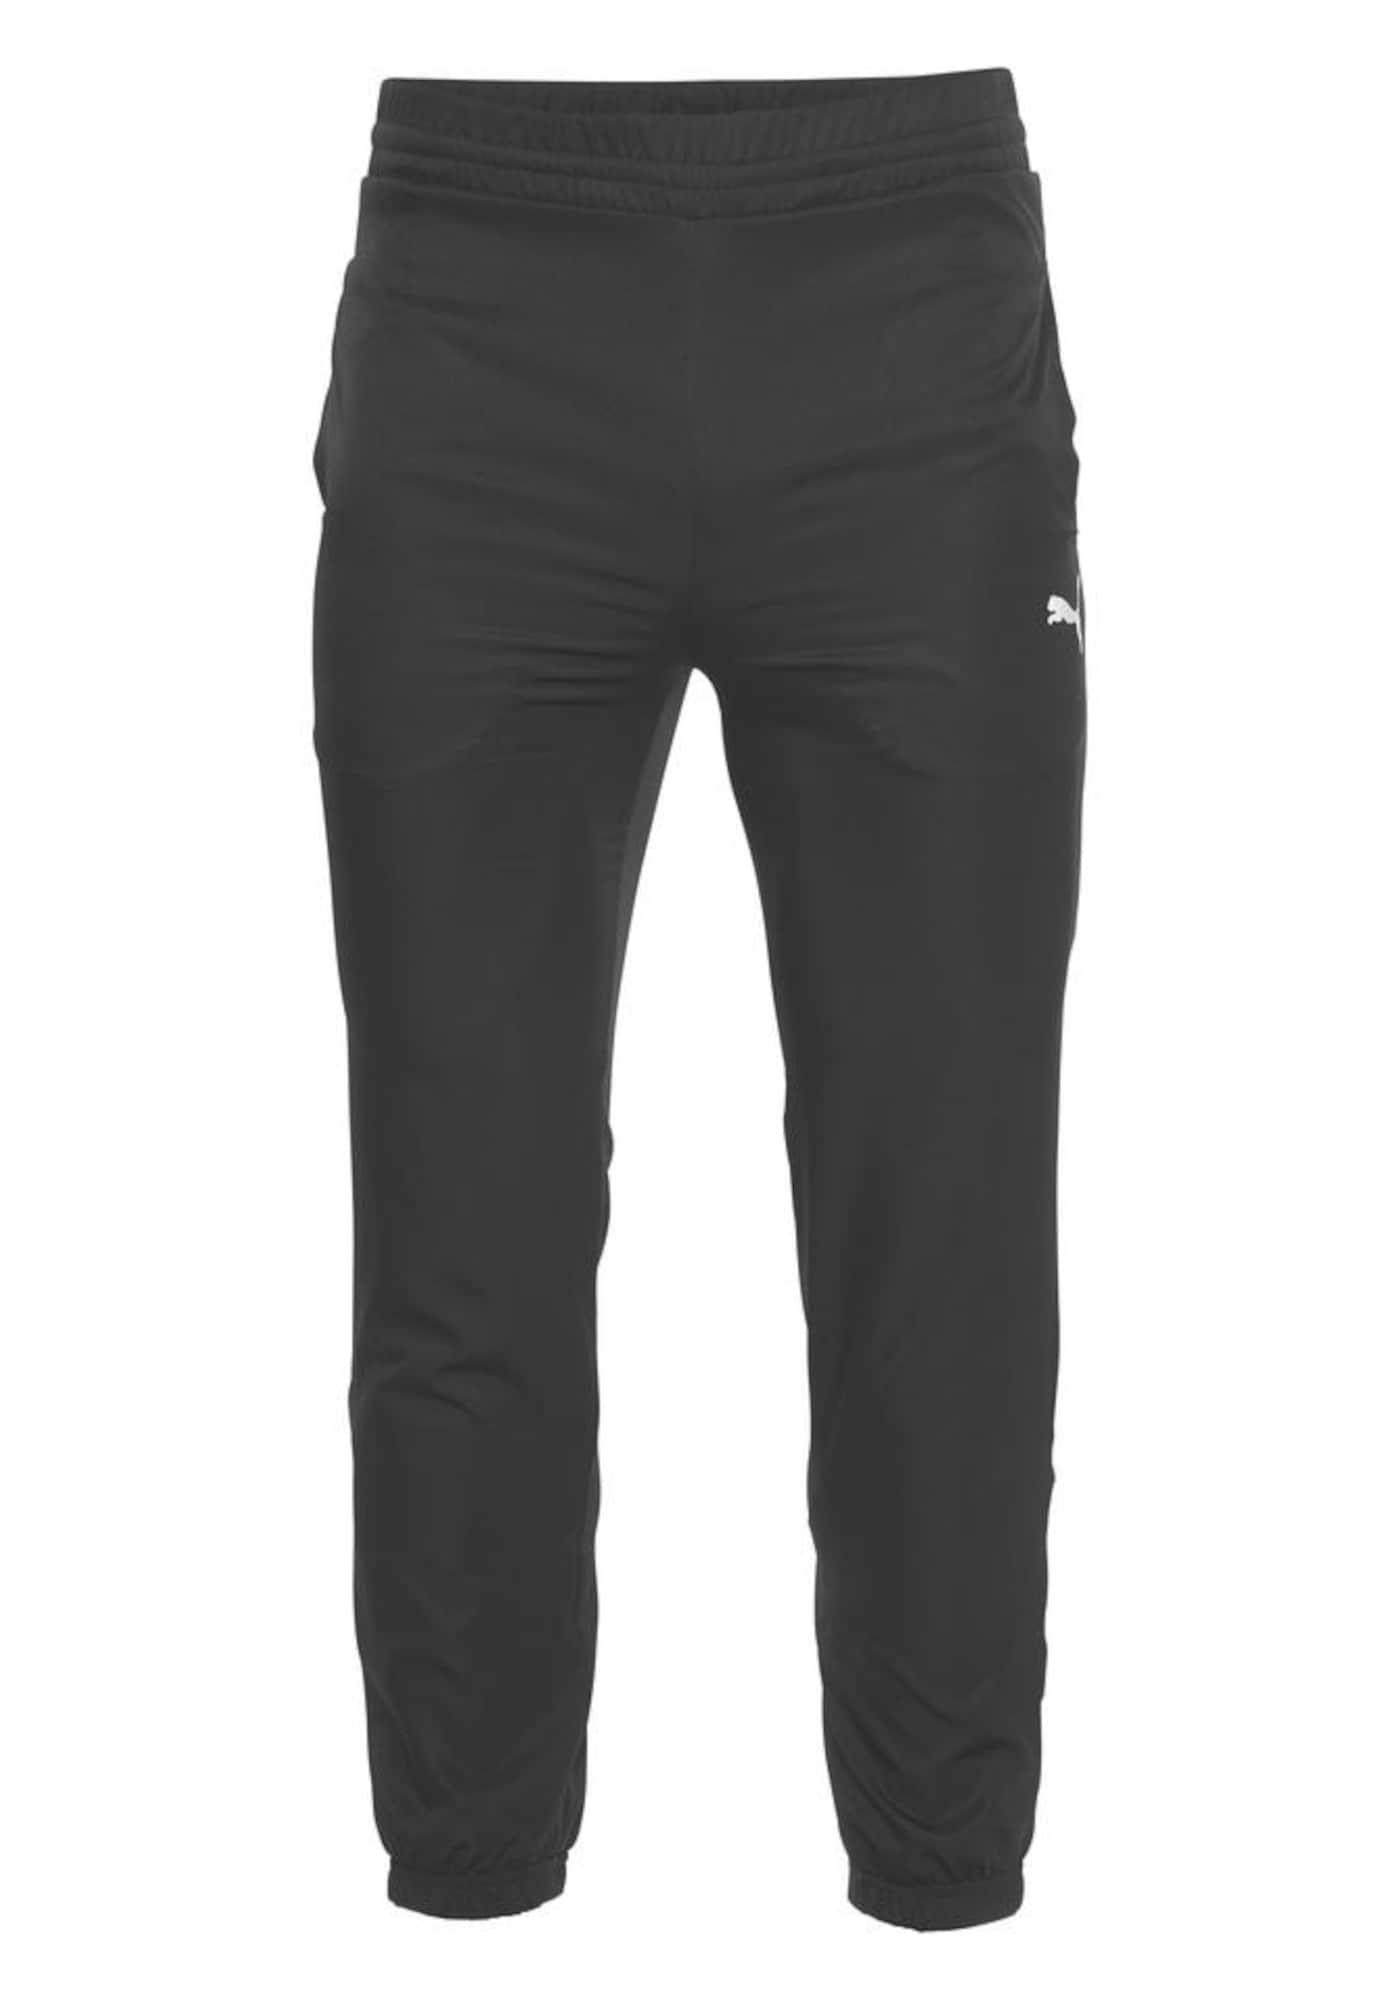 PUMA Sportinės kelnės 'ACTIVE ESS WOVEN PANTS' juoda